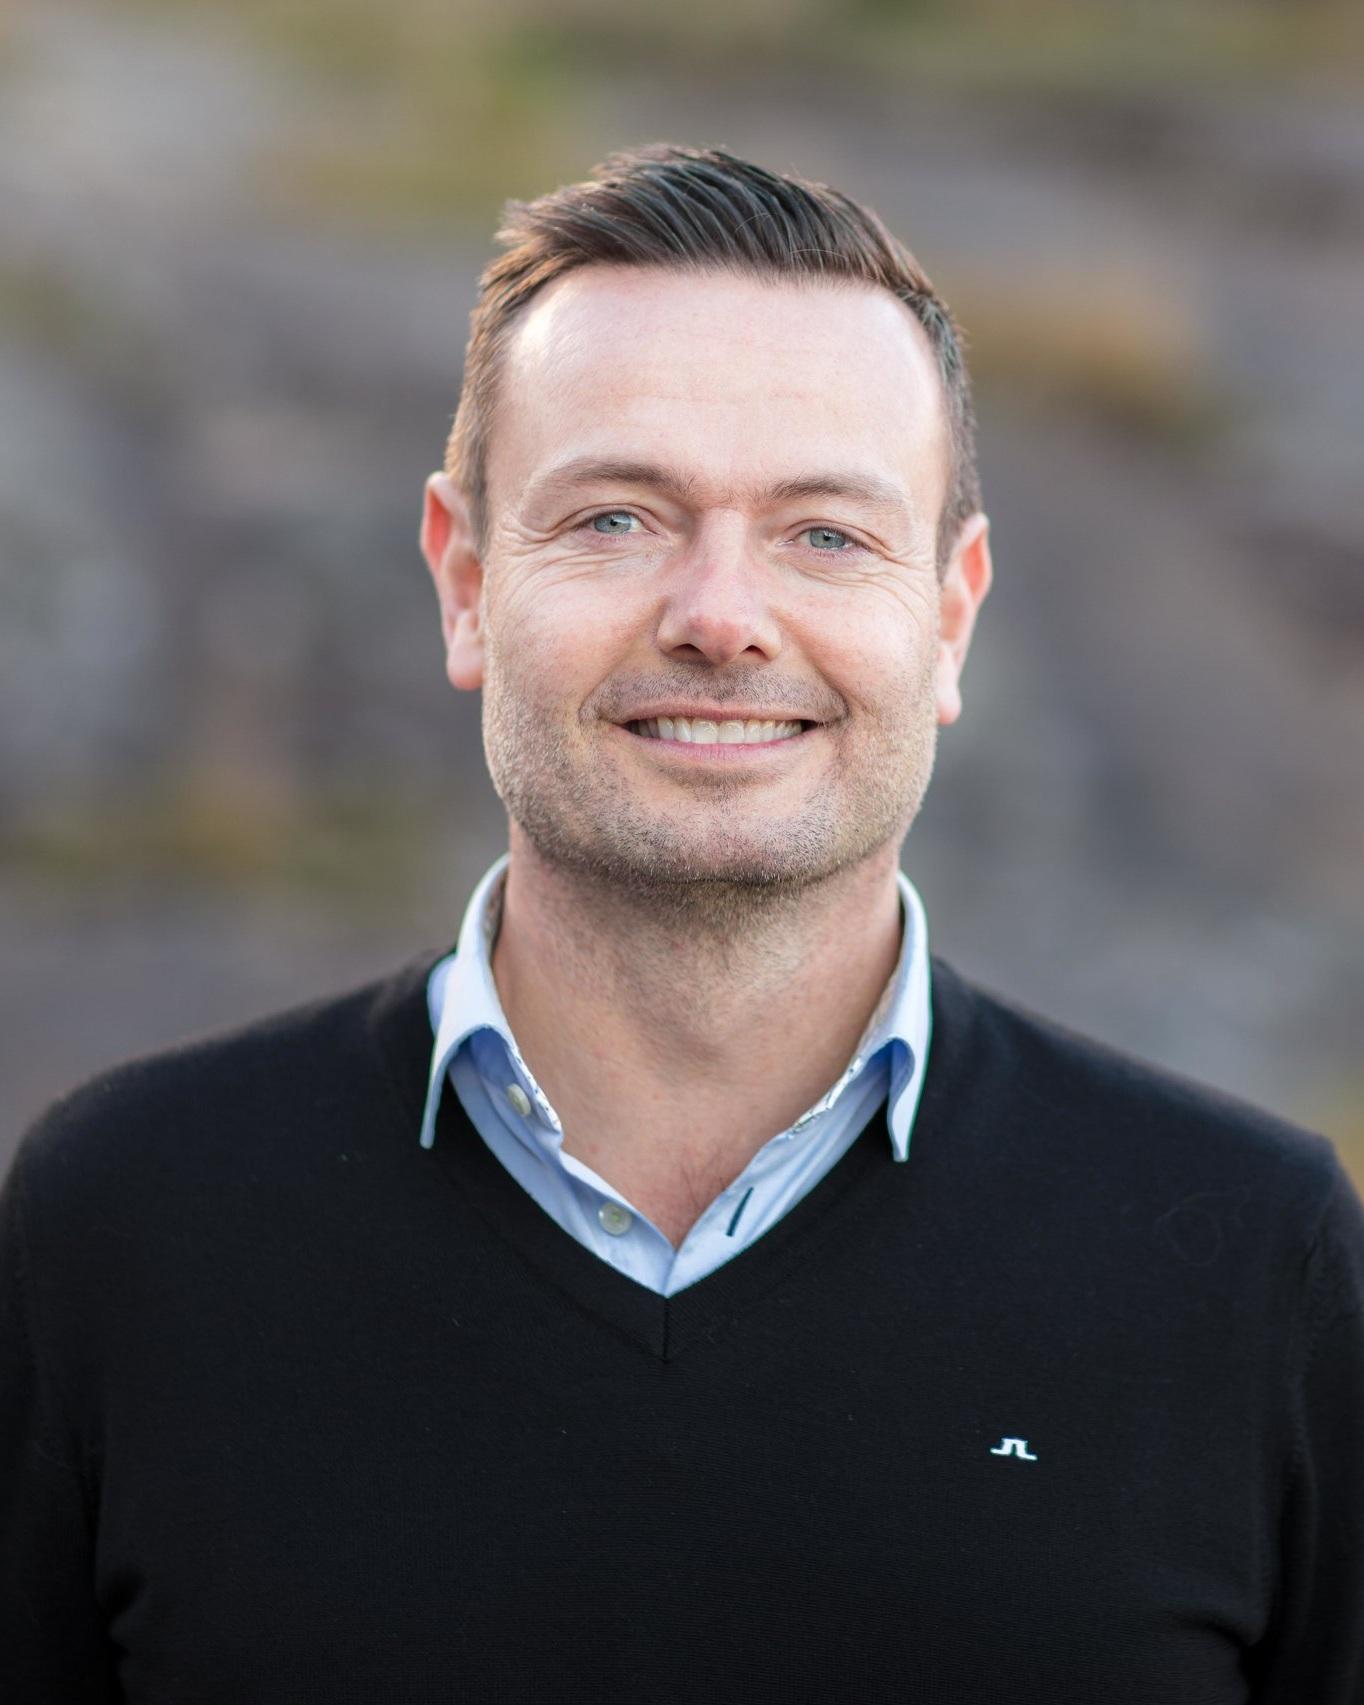 Kenneth Kårikstad Managing Director ➤ Kristiansand (Sør Arena) ☎ +47 905 41 990 ✉ kenneth@advantek.no